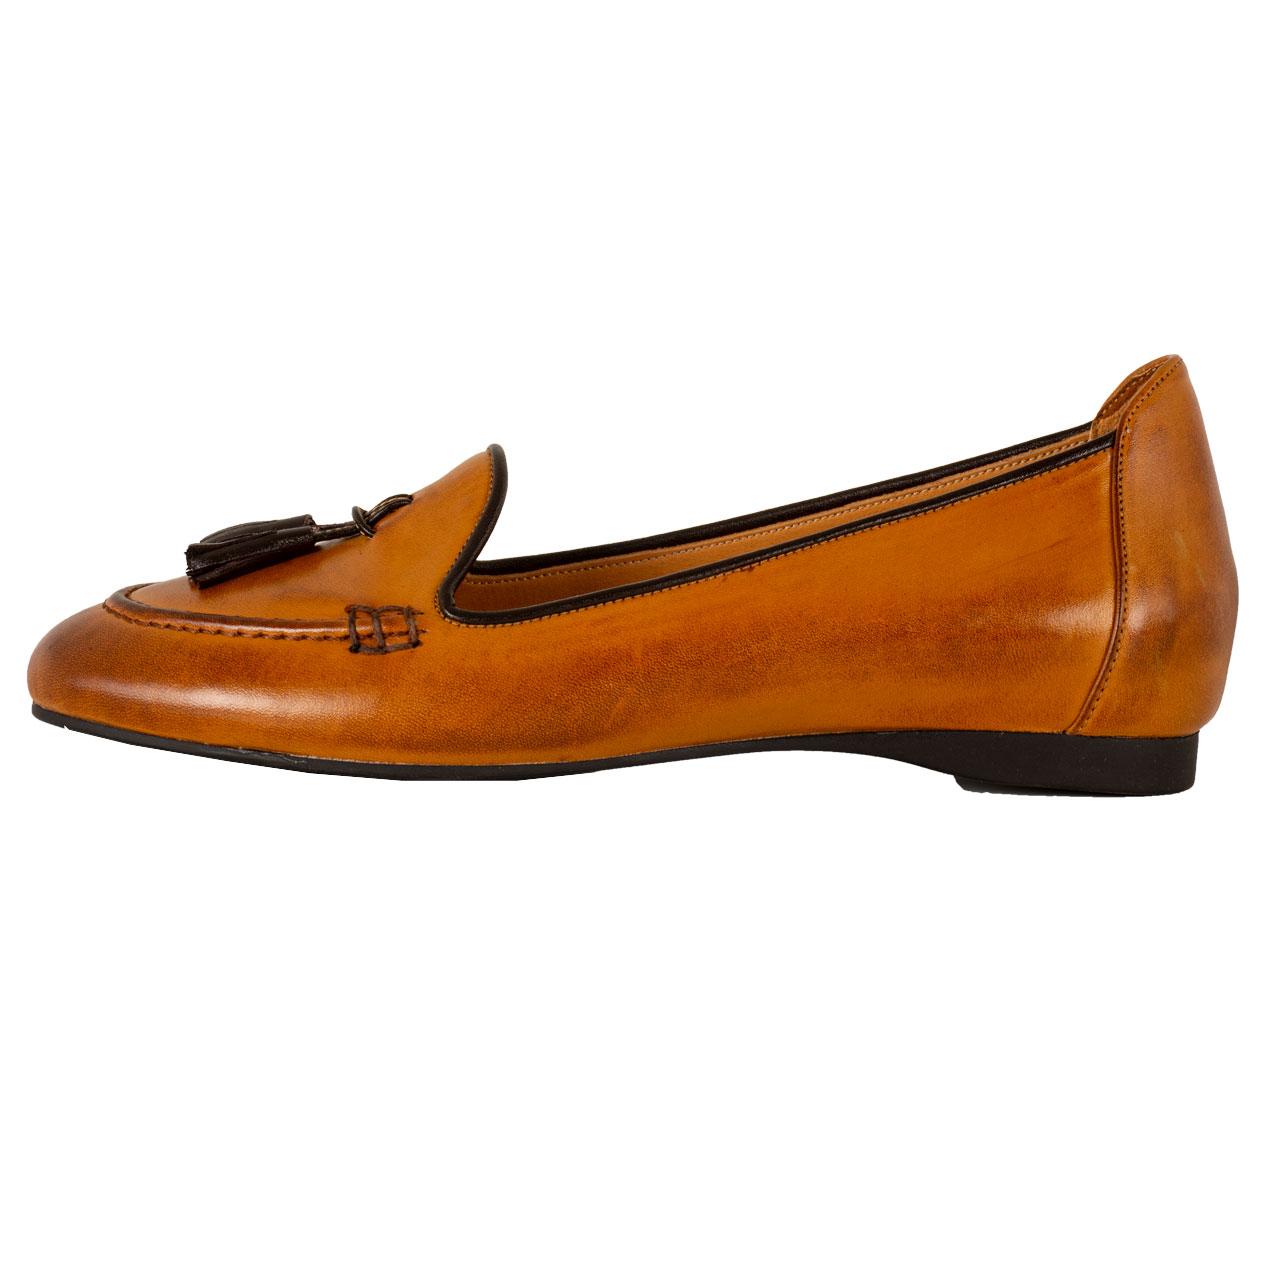 کفش زنانه پارینه چرم مدل show36